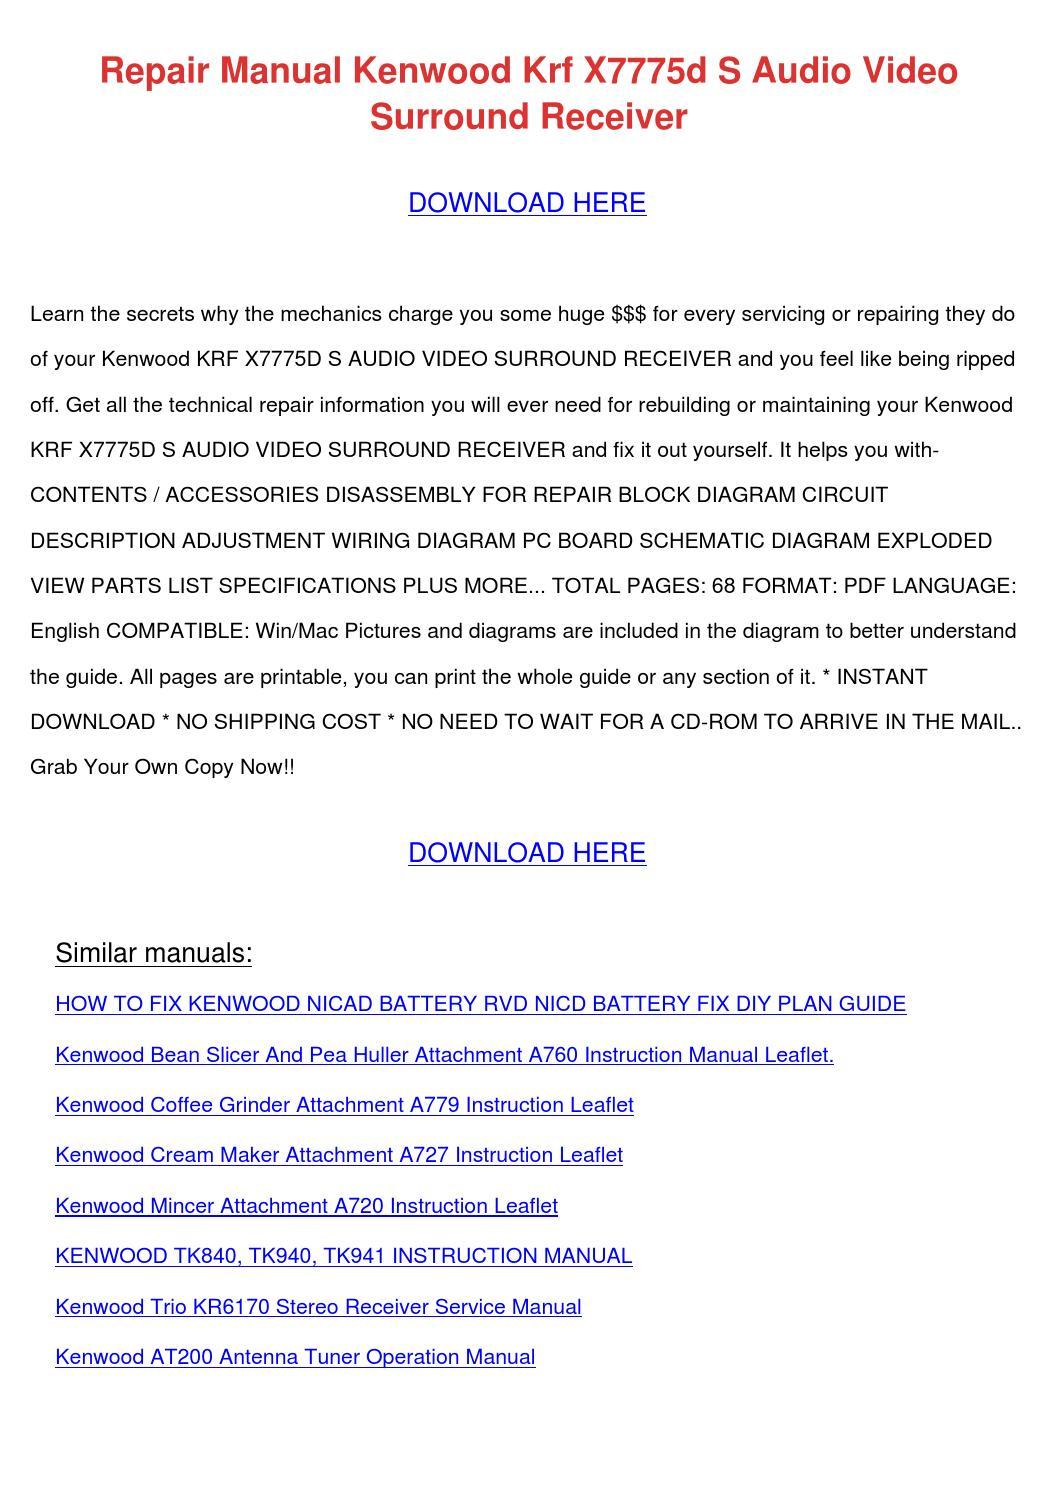 Repair Manual Kenwood Krf X7775d S Audio Vide by RafaelMontgomery - issuu